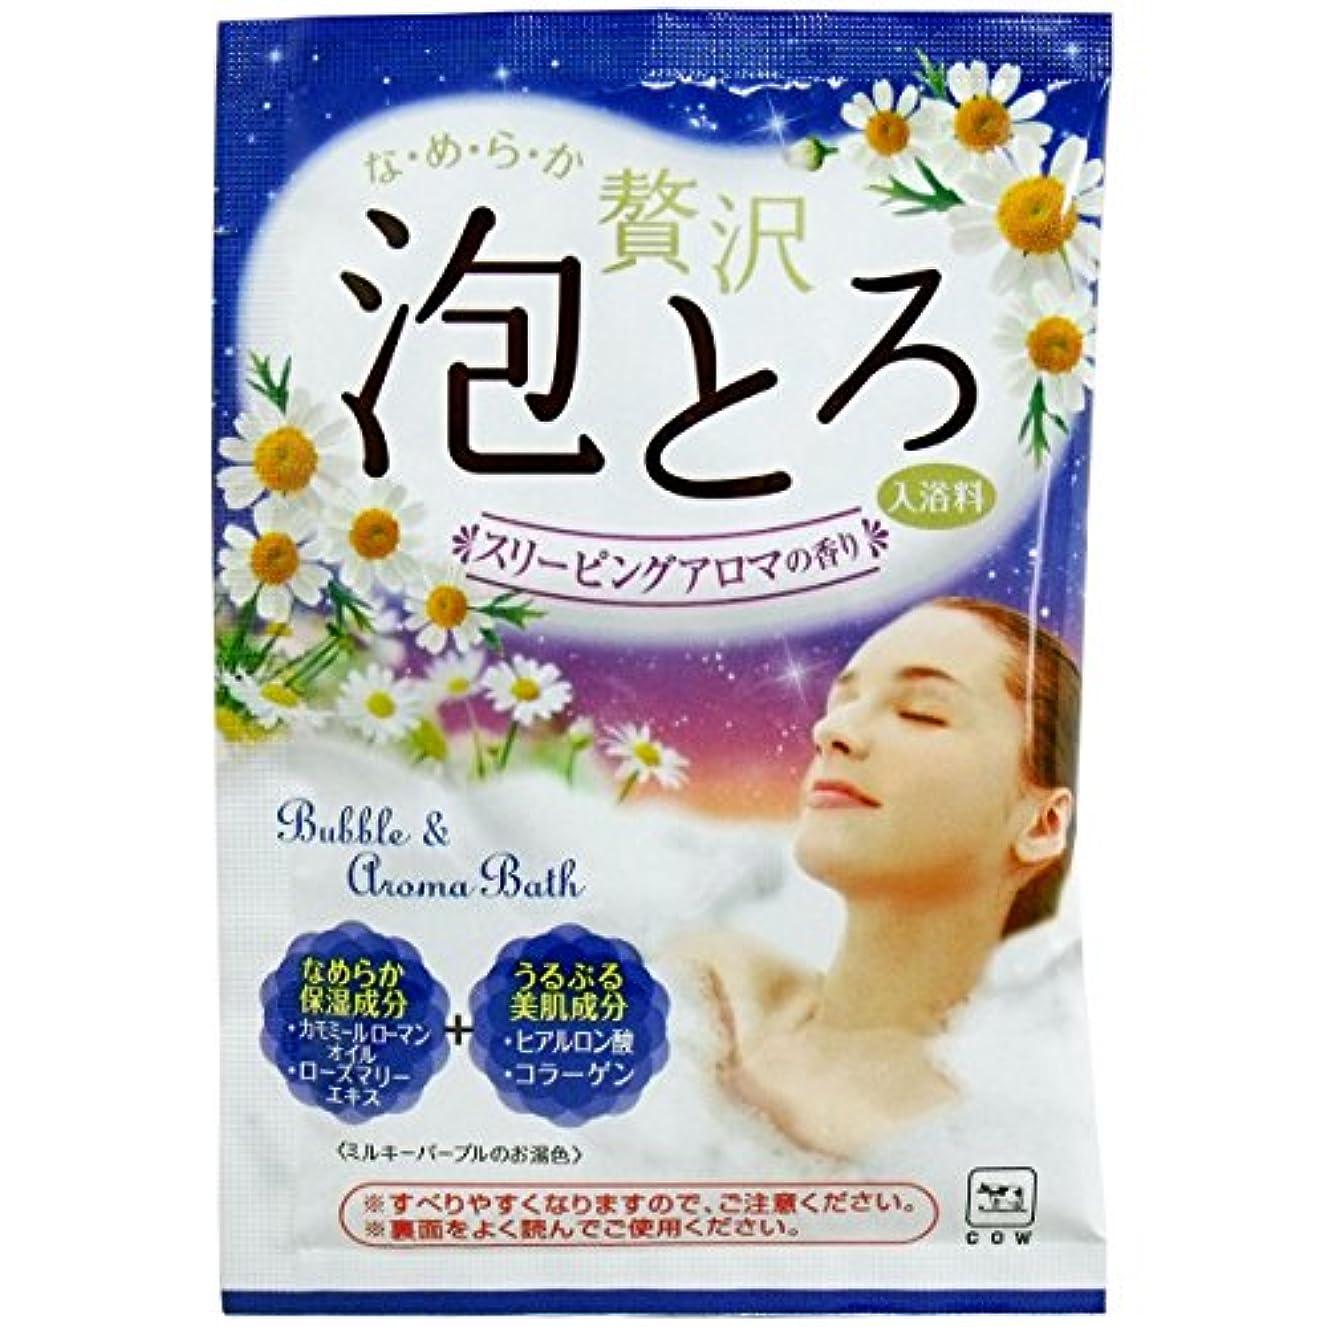 贅沢泡とろ 入浴料 スリーピングアロマの香り 30g 【4点セット】